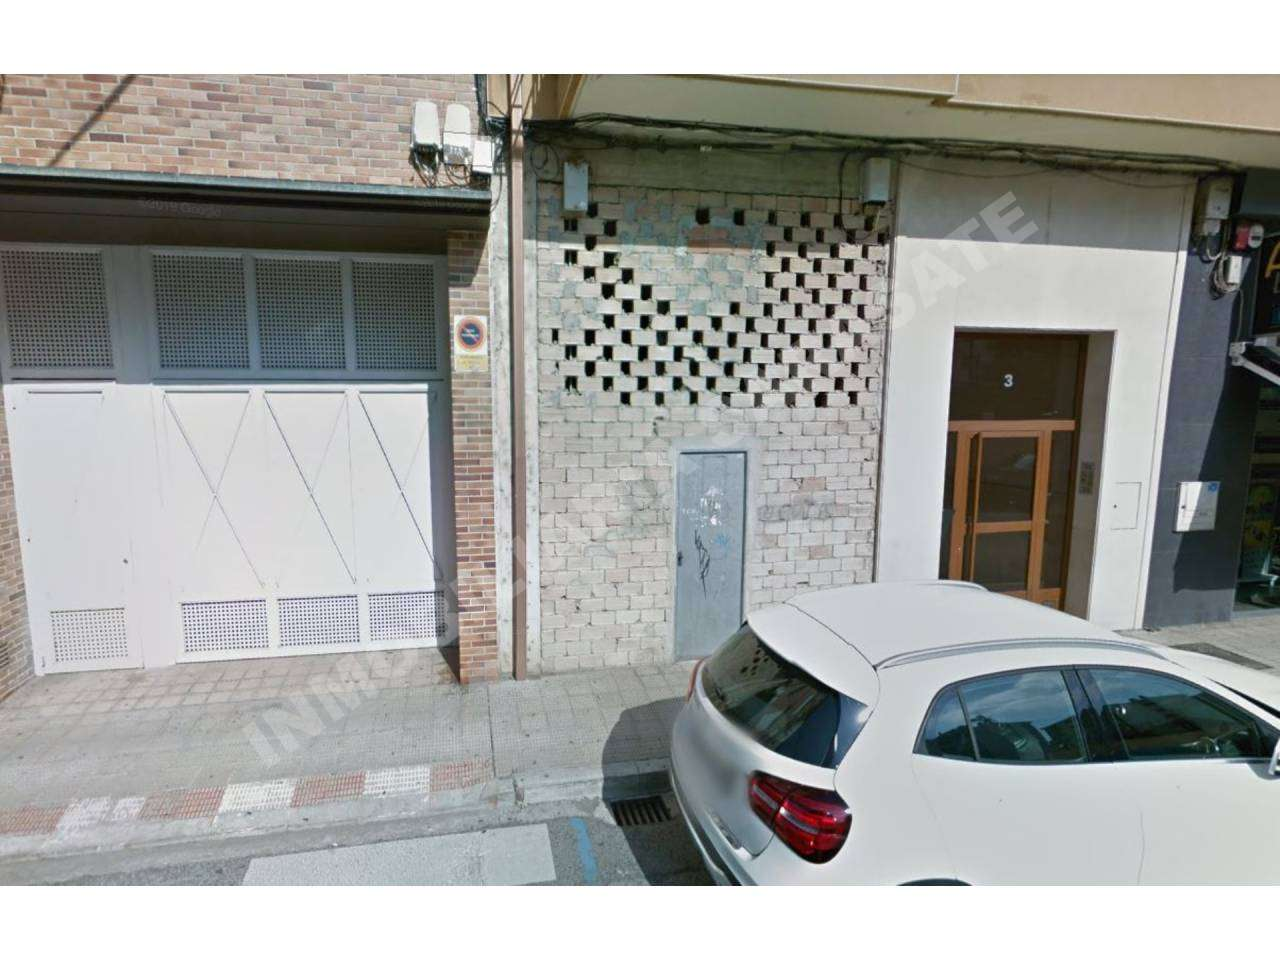 ALQUILER DE LOCAL EN ESTELLA-LIZARRA, ESTELLA-LIZARRA | REF. (001042)